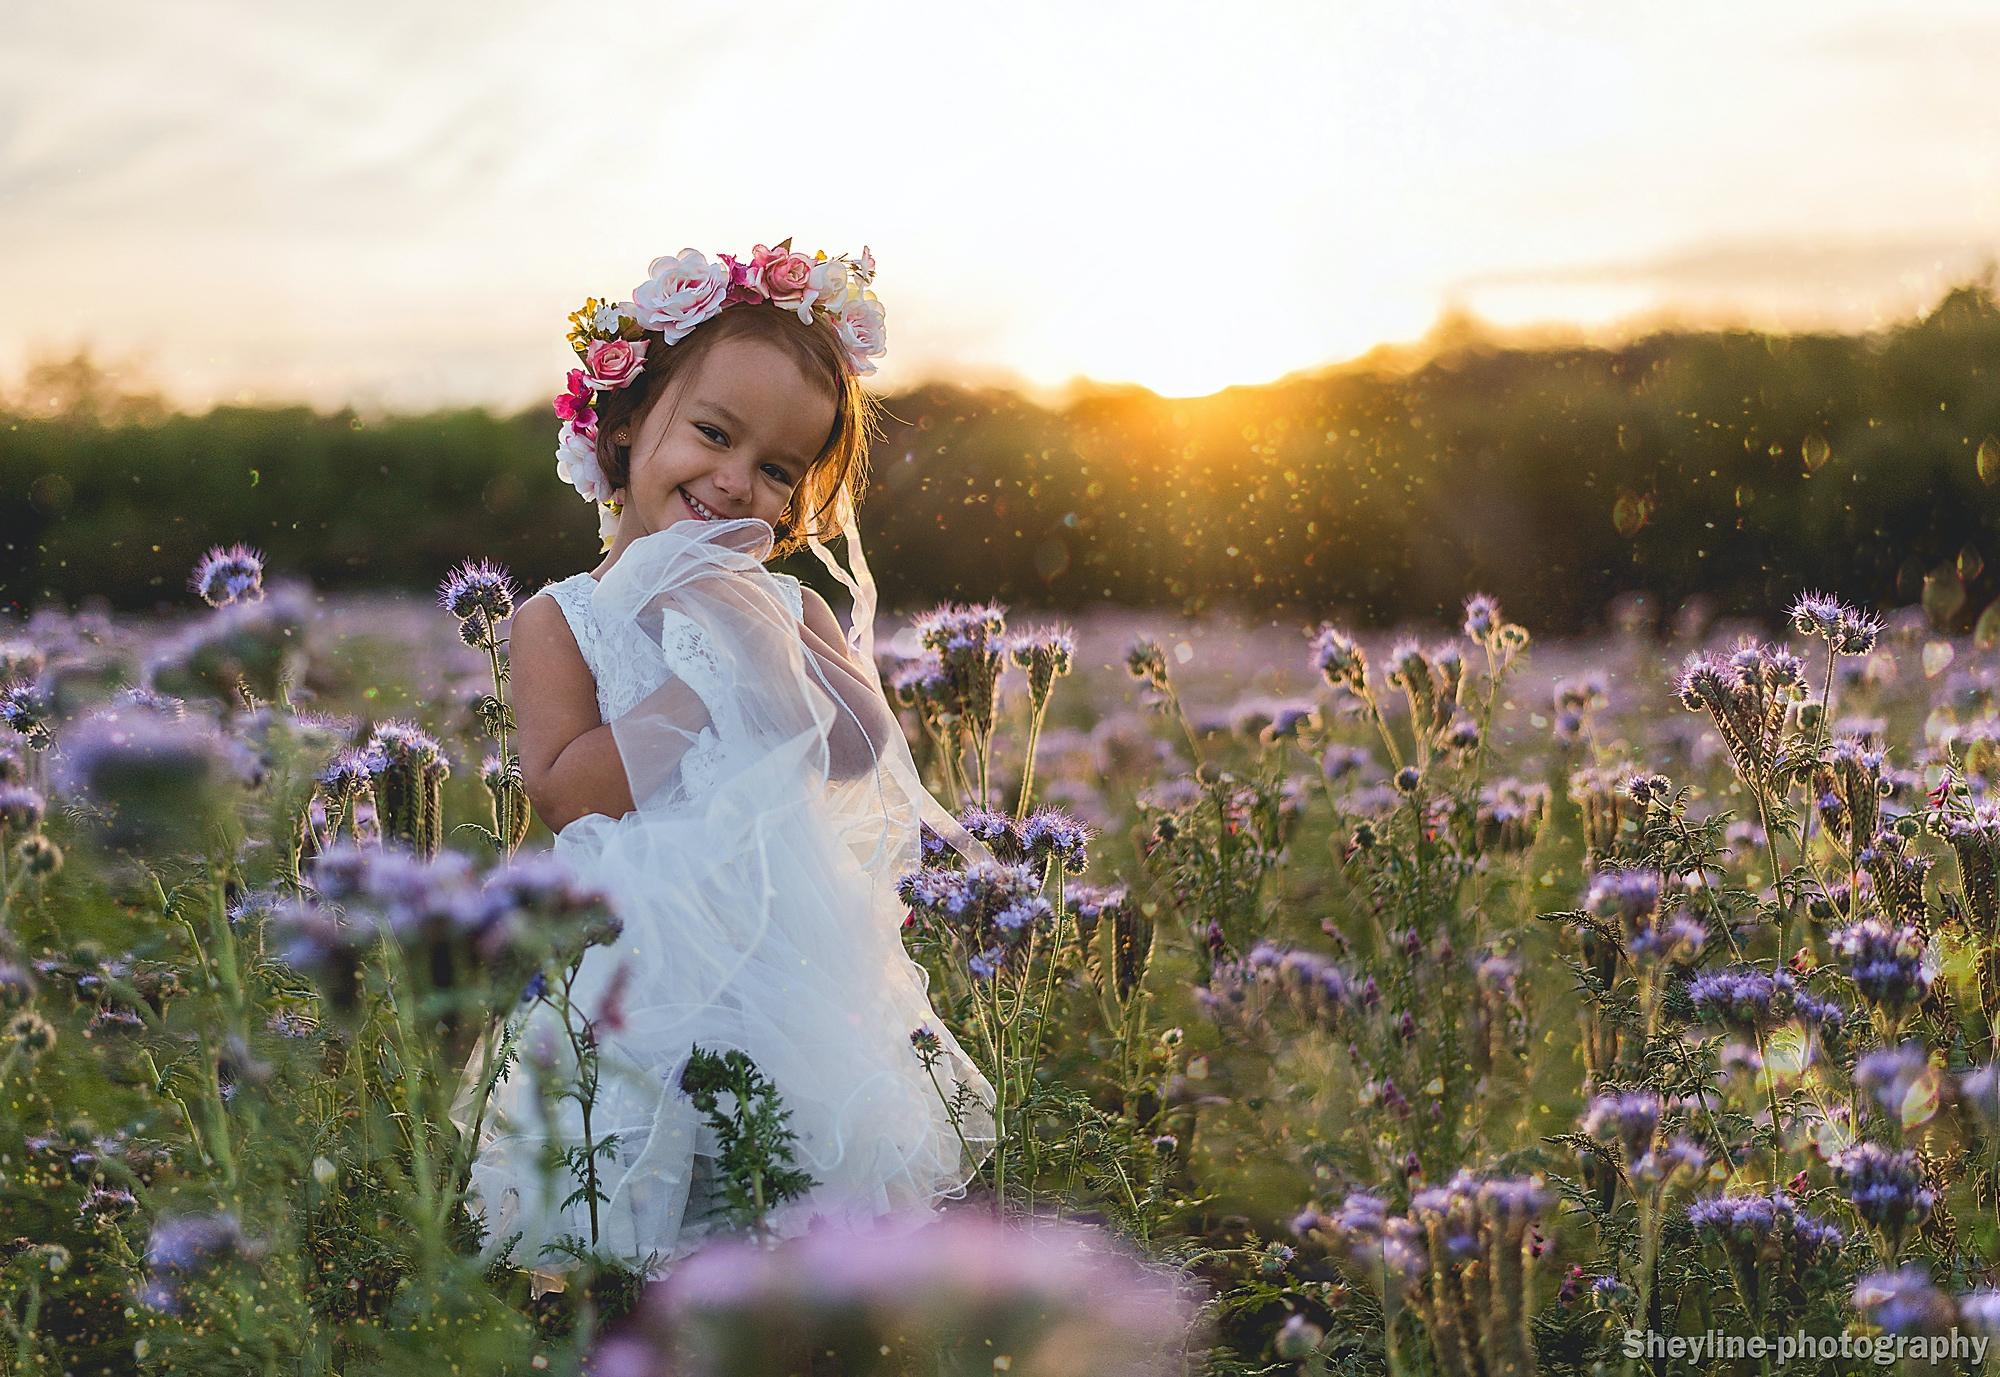 nouveau né-bébé -sheyline photography poitiers photographe 86 enfant